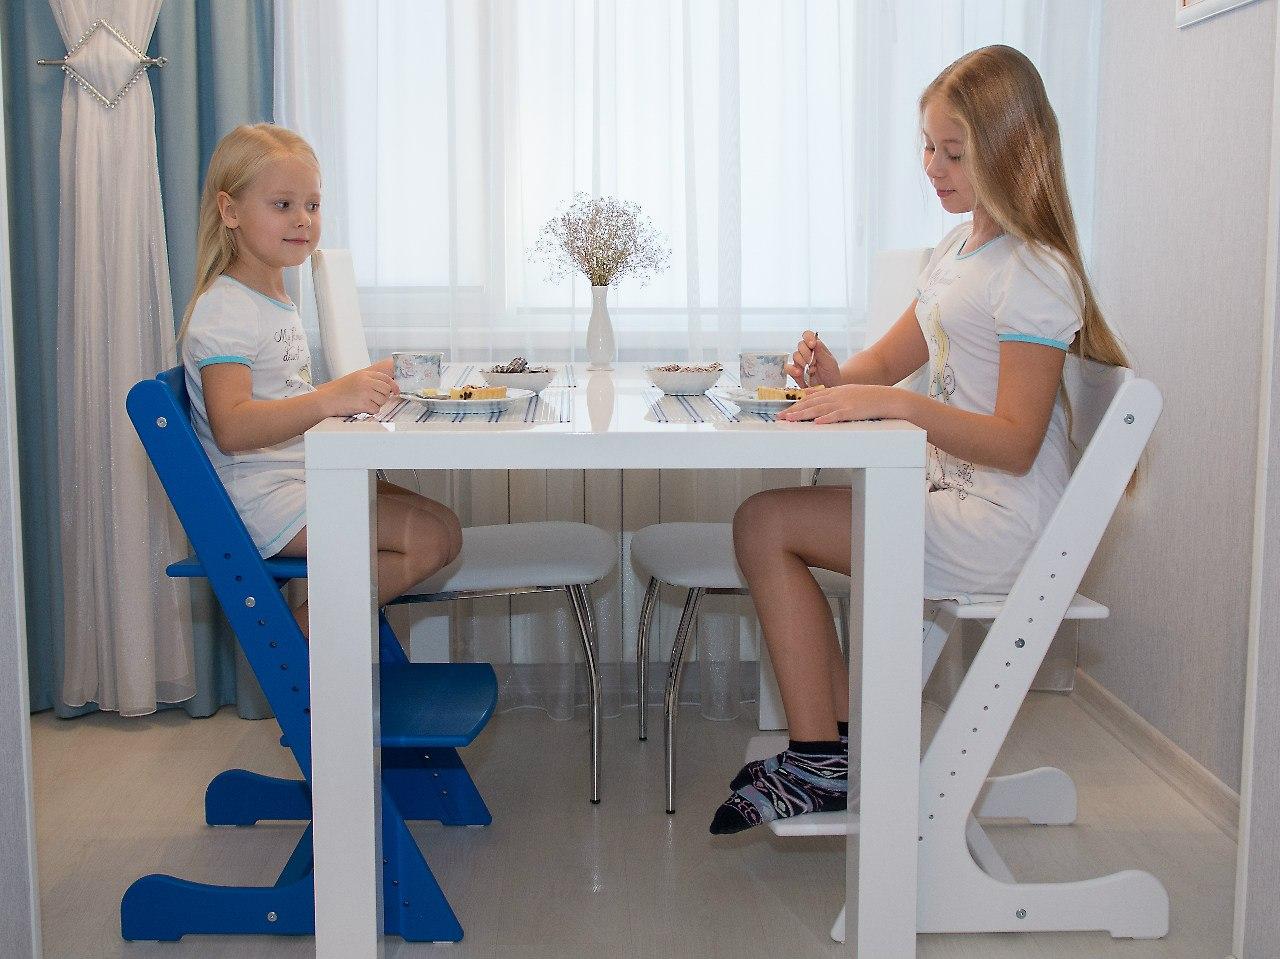 Конёк ГорбунЁк любимый растущий (регулируемый) стульчик для детей. - 8